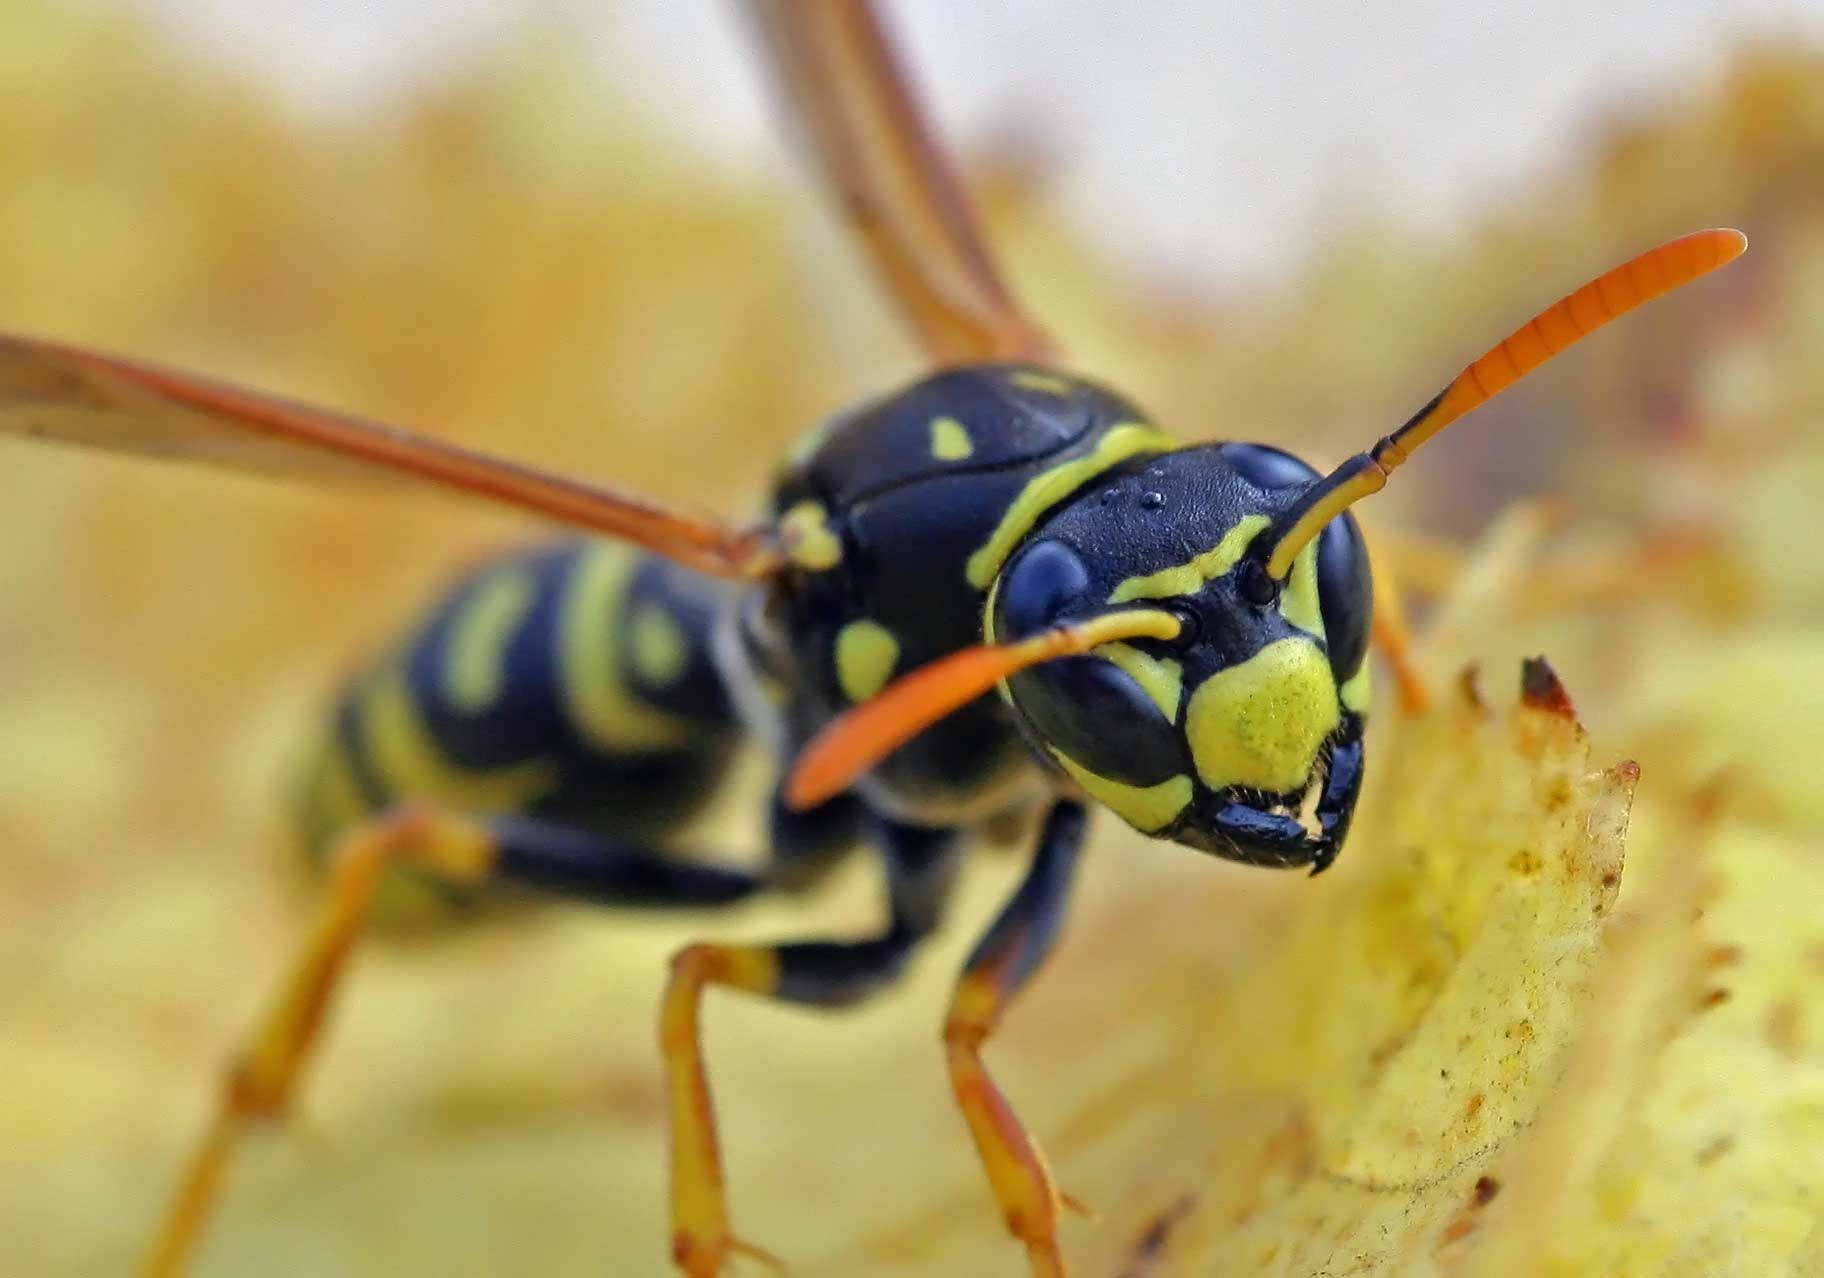 Есть ли какая-то польза от укуса осы или только вред?